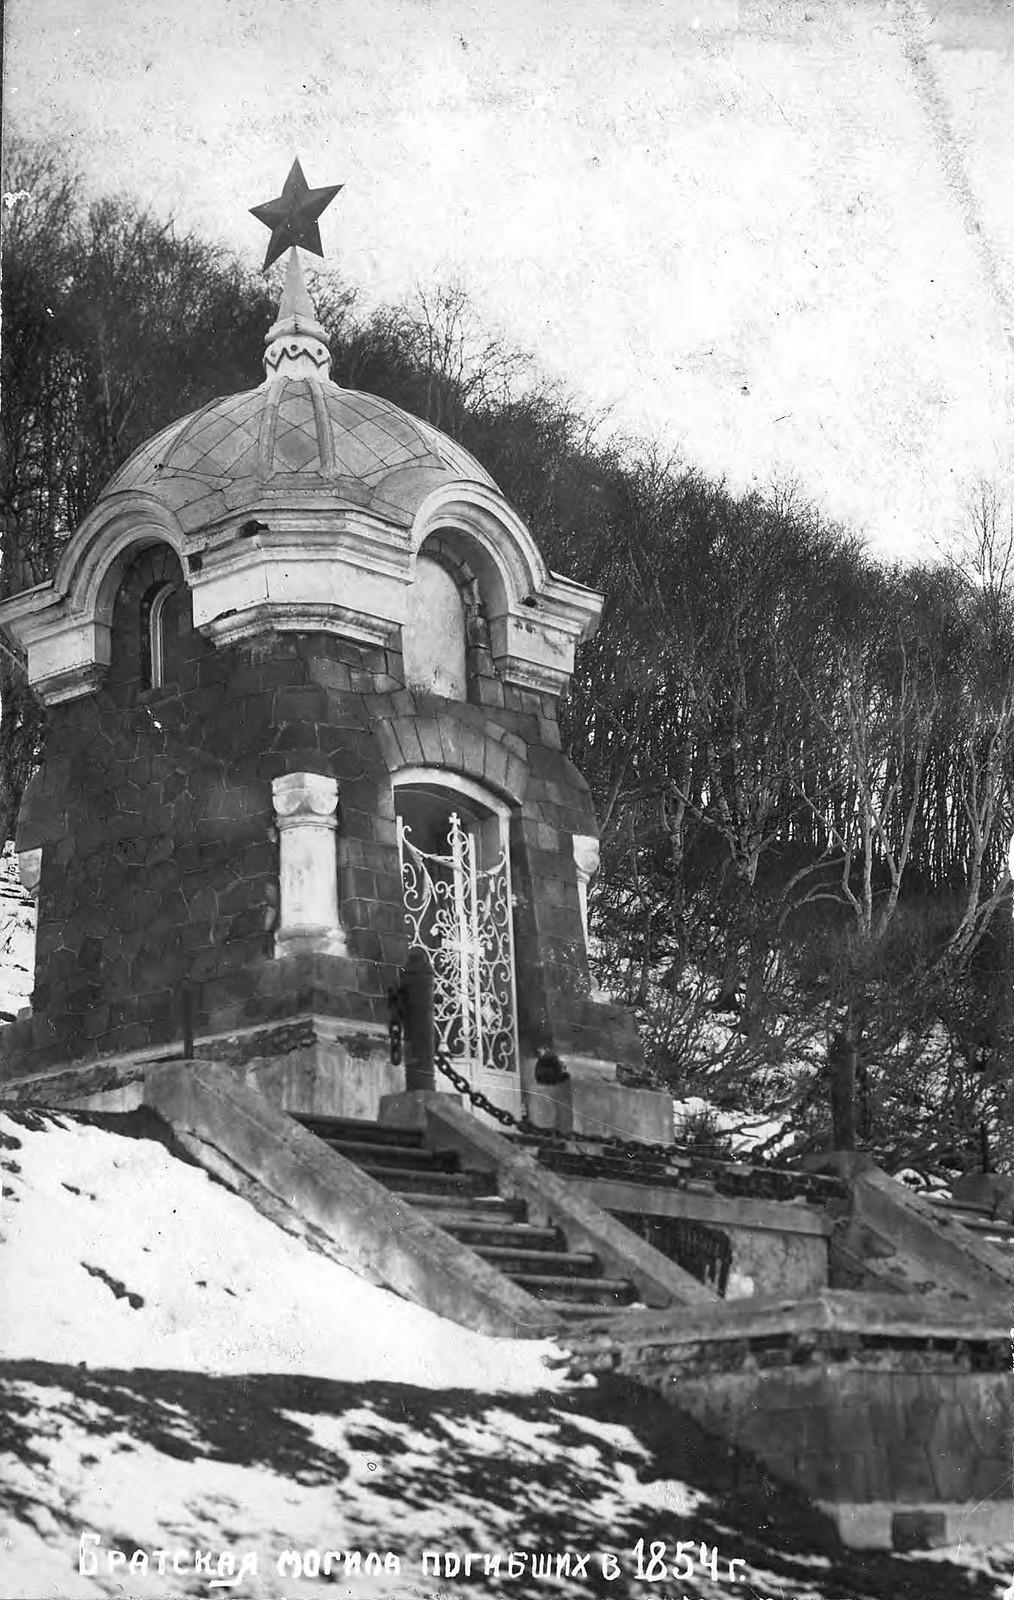 1920. Памятник «Часовня» над Братской могилой погибших при обороне Петропавловского порта в августе 1854 года от Англо-французской эскадры